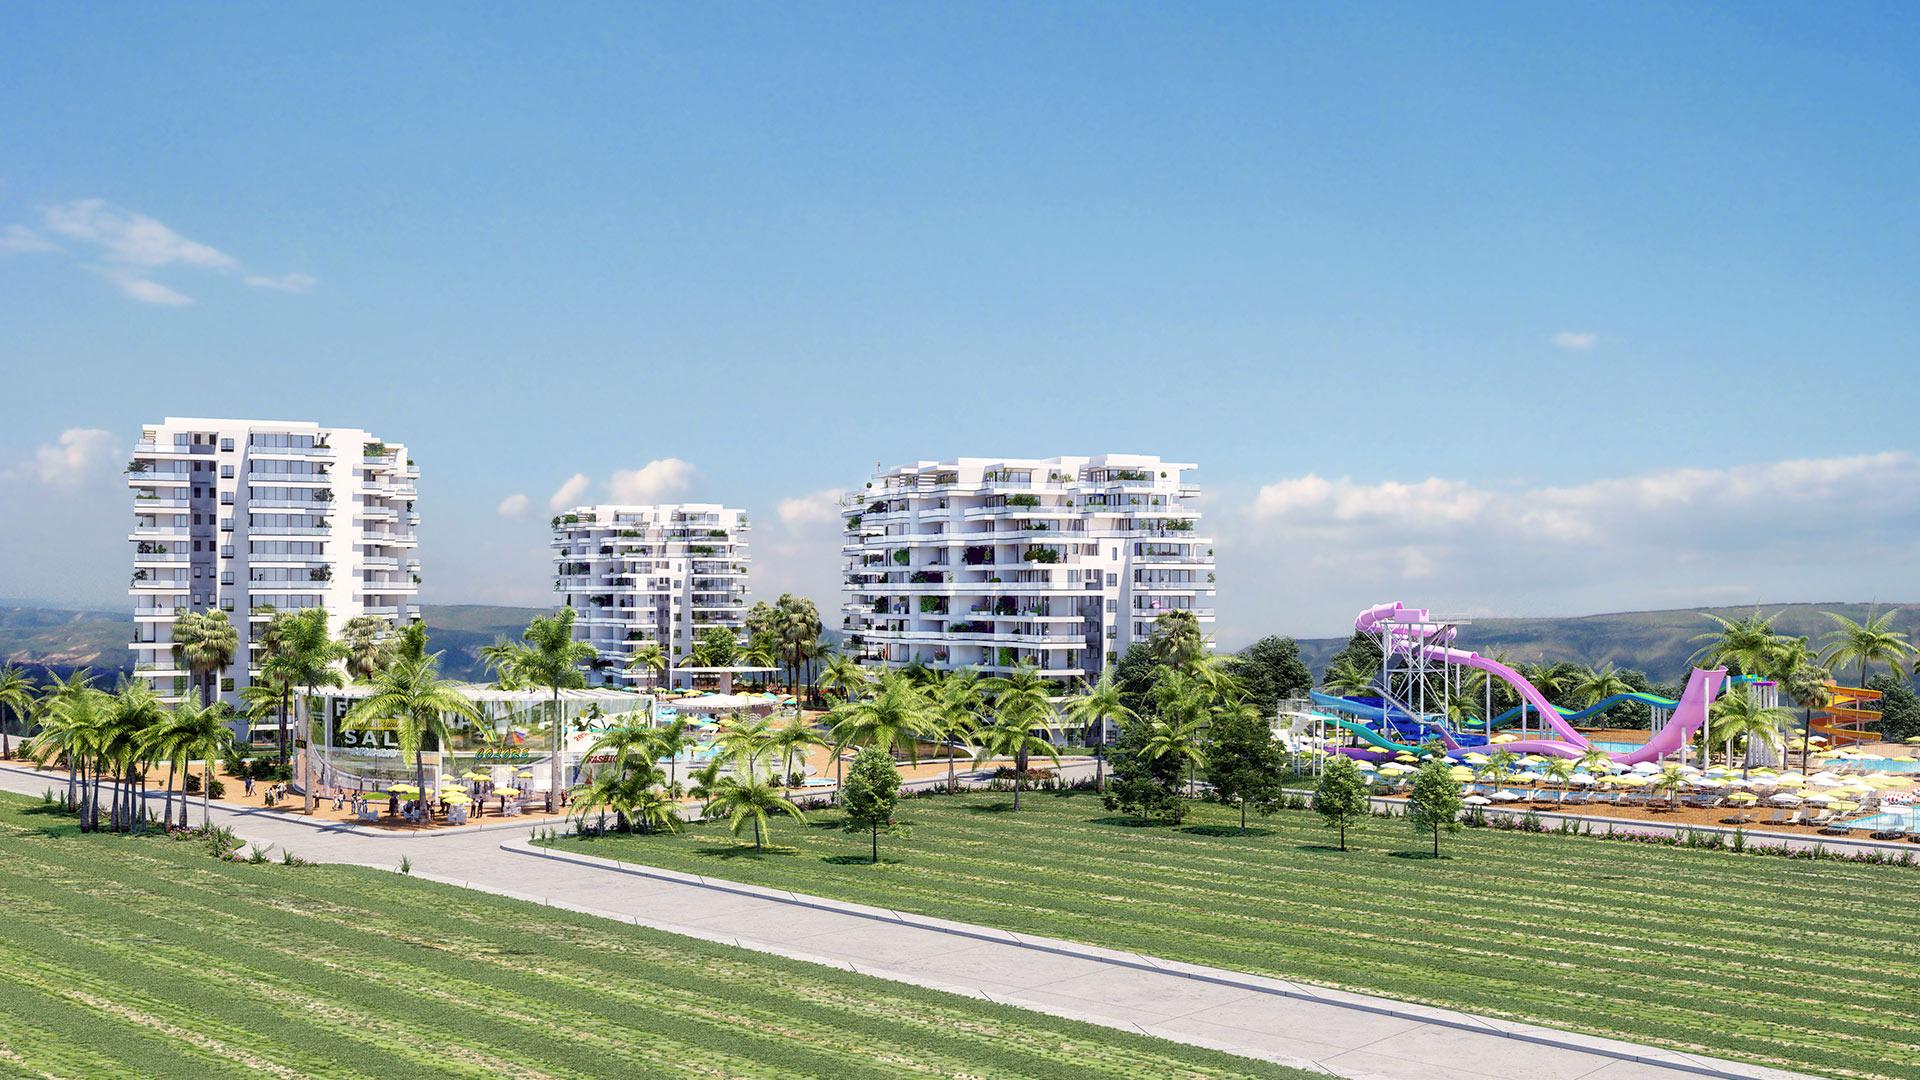 הדמיה אדריכלית של מתחם נופש בקפריסין